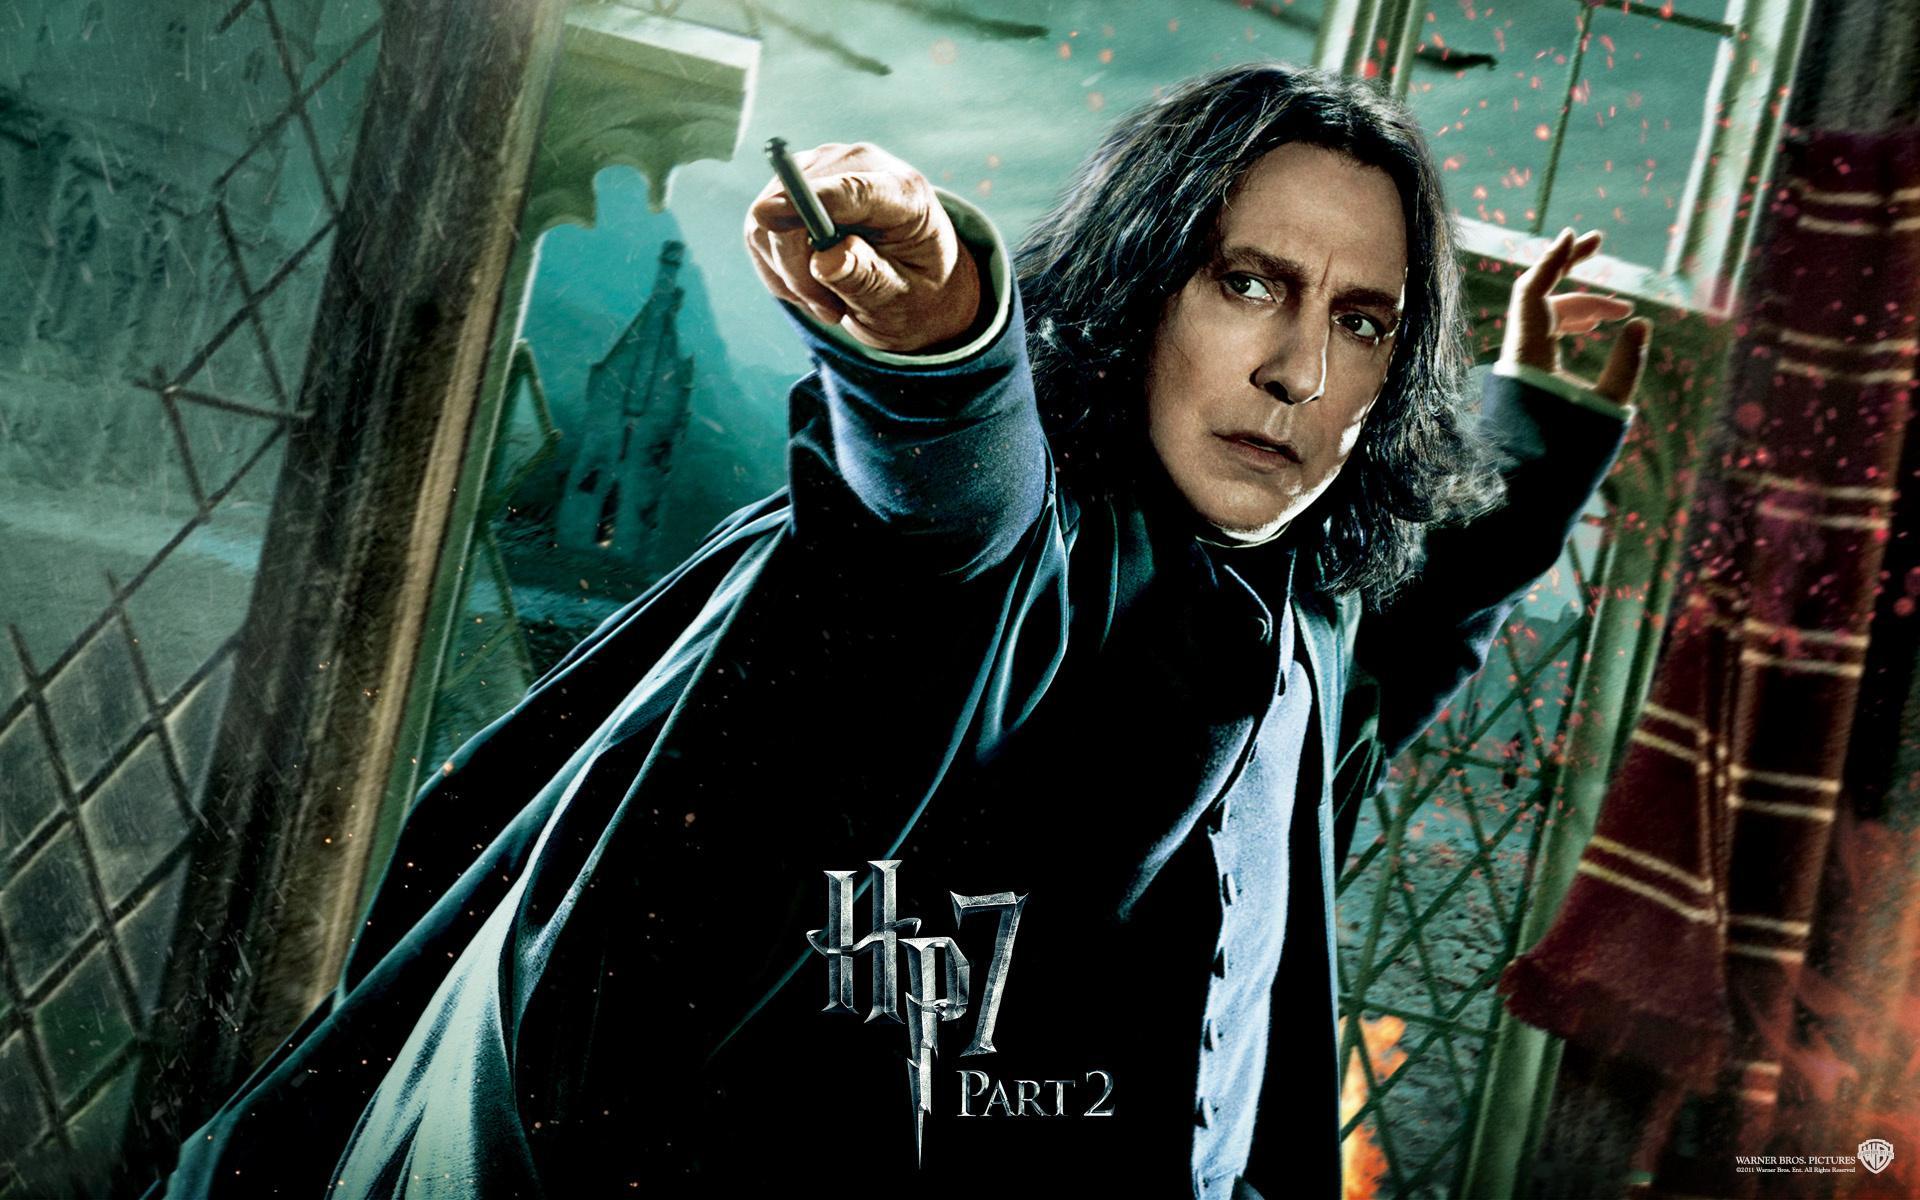 """Сьогодні помер Алан Рікман, який зіграв у """"Гаррі Поттері"""" роль професора Снейпа"""